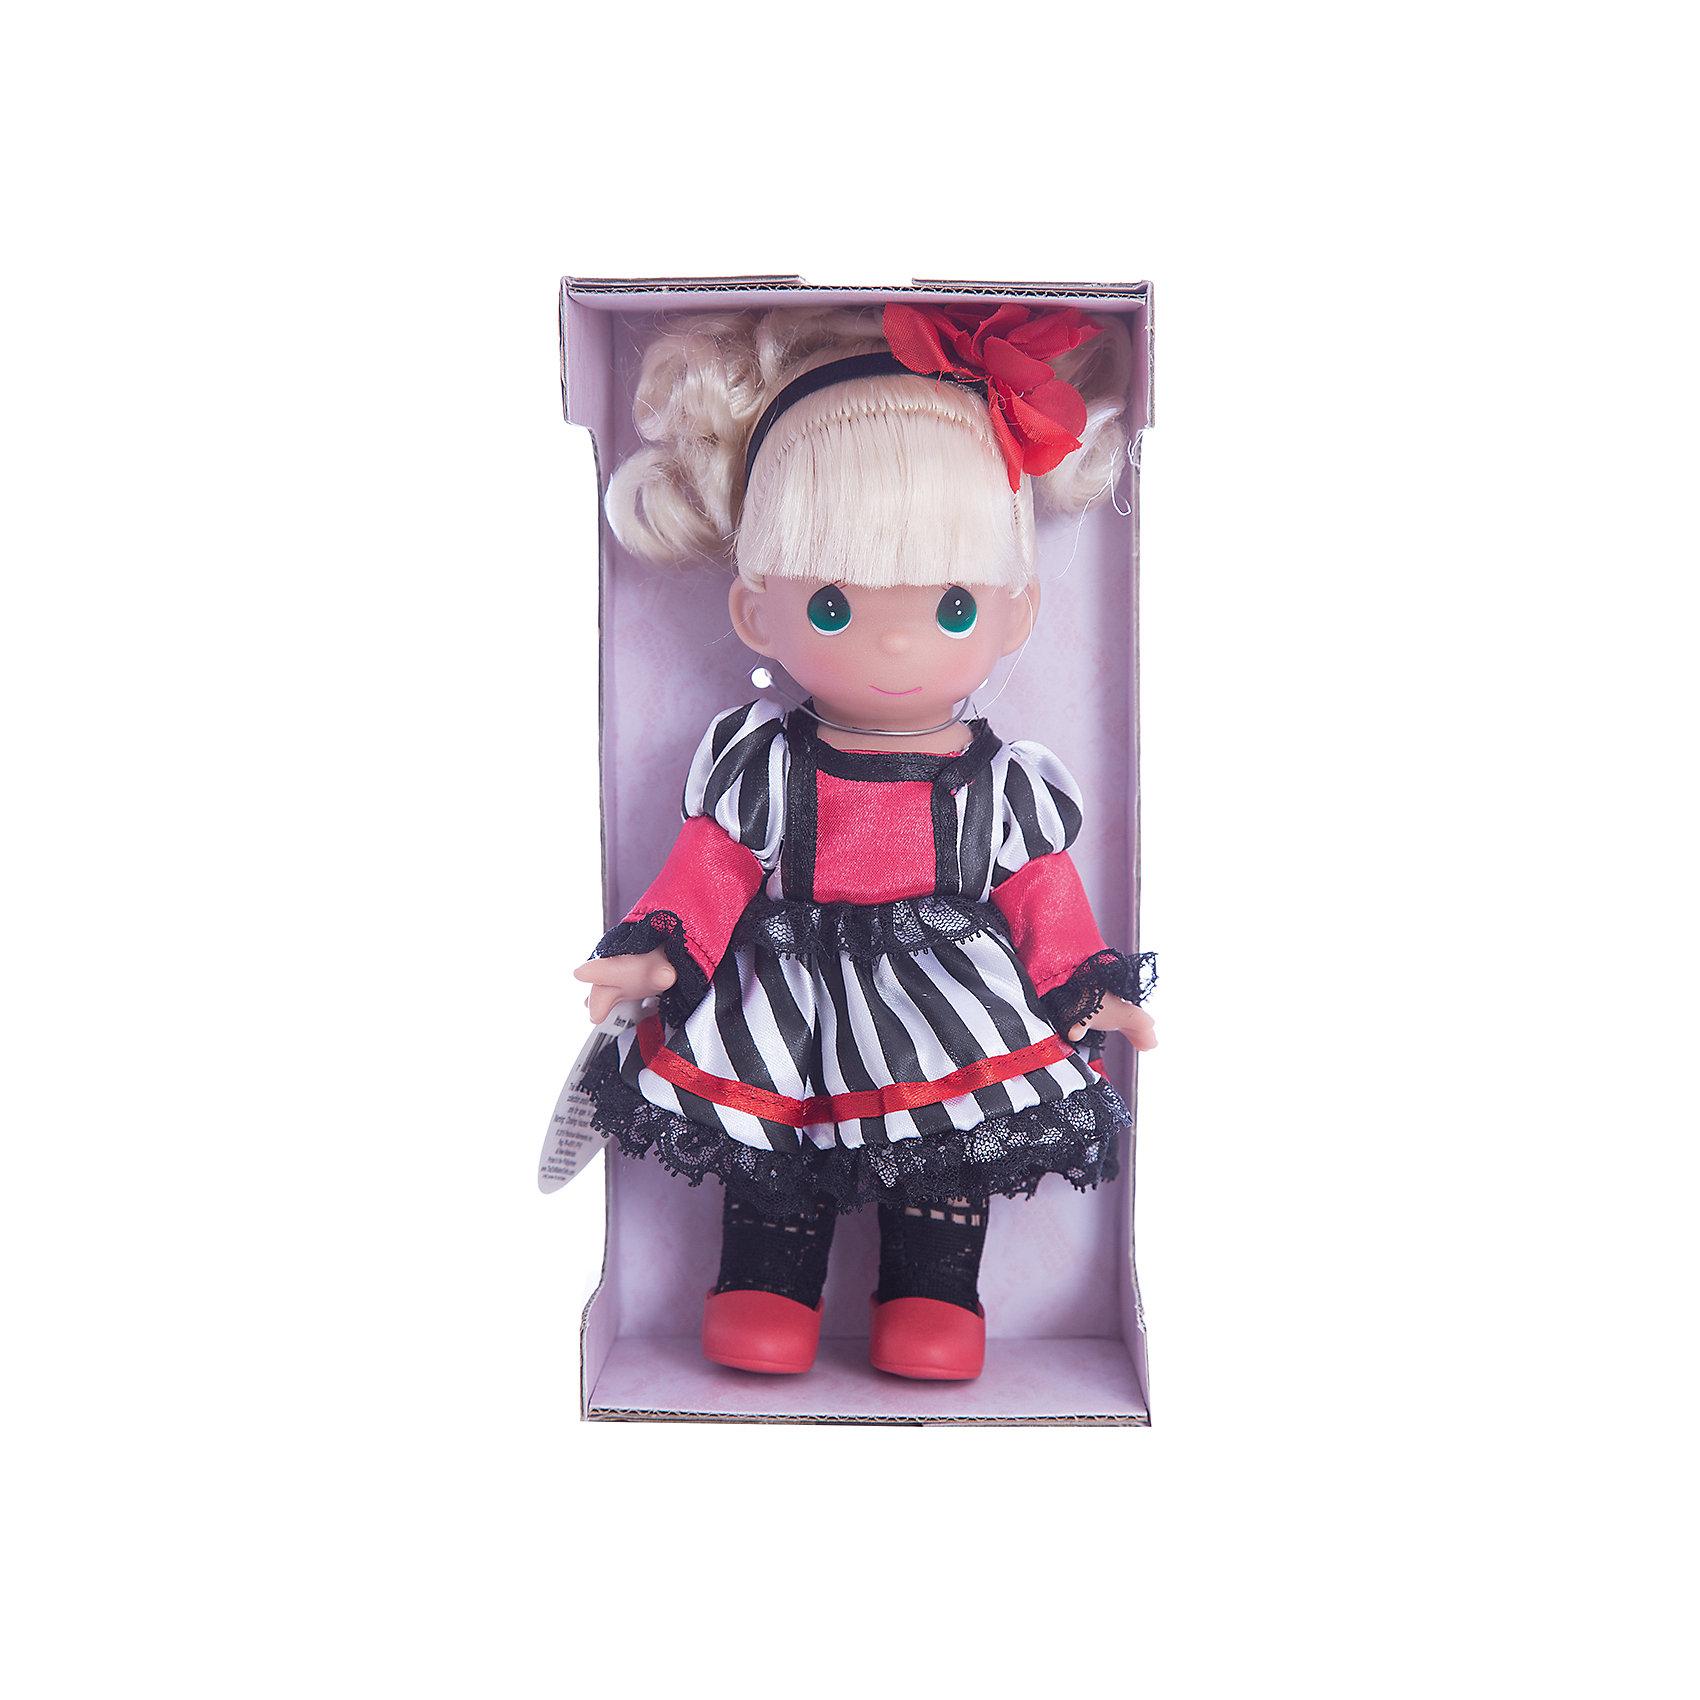 Кукла Сесиль. Франция, 21 см, Precious MomentsБренды кукол<br>Характеристики товара:<br><br>• возраст: от 5 лет;<br>• материал: винил, текстиль;<br>• высота куклы: 21 см;<br>• размер упаковки: 25х13х7 см;<br>• вес упаковки: 175 гр.;<br>• страна производитель: Филиппины.<br><br>Кукла «Сесиль. Франция» Precious Moments — коллекционная кукла с выразительными зелеными глазками и светлыми волосами, завязанными в хвостик. Куколка одета в черно-белое платье, ажурные колготки и красные туфельки. У куклы имеются подвижные детали. Она выполнена из качественного безопасного материала.<br><br>Куклу «Сесиль. Франция» Precious Moments можно приобрести в нашем интернет-магазине.<br><br>Ширина мм: 60<br>Глубина мм: 210<br>Высота мм: 60<br>Вес г: 110<br>Возраст от месяцев: 36<br>Возраст до месяцев: 2147483647<br>Пол: Женский<br>Возраст: Детский<br>SKU: 5482516